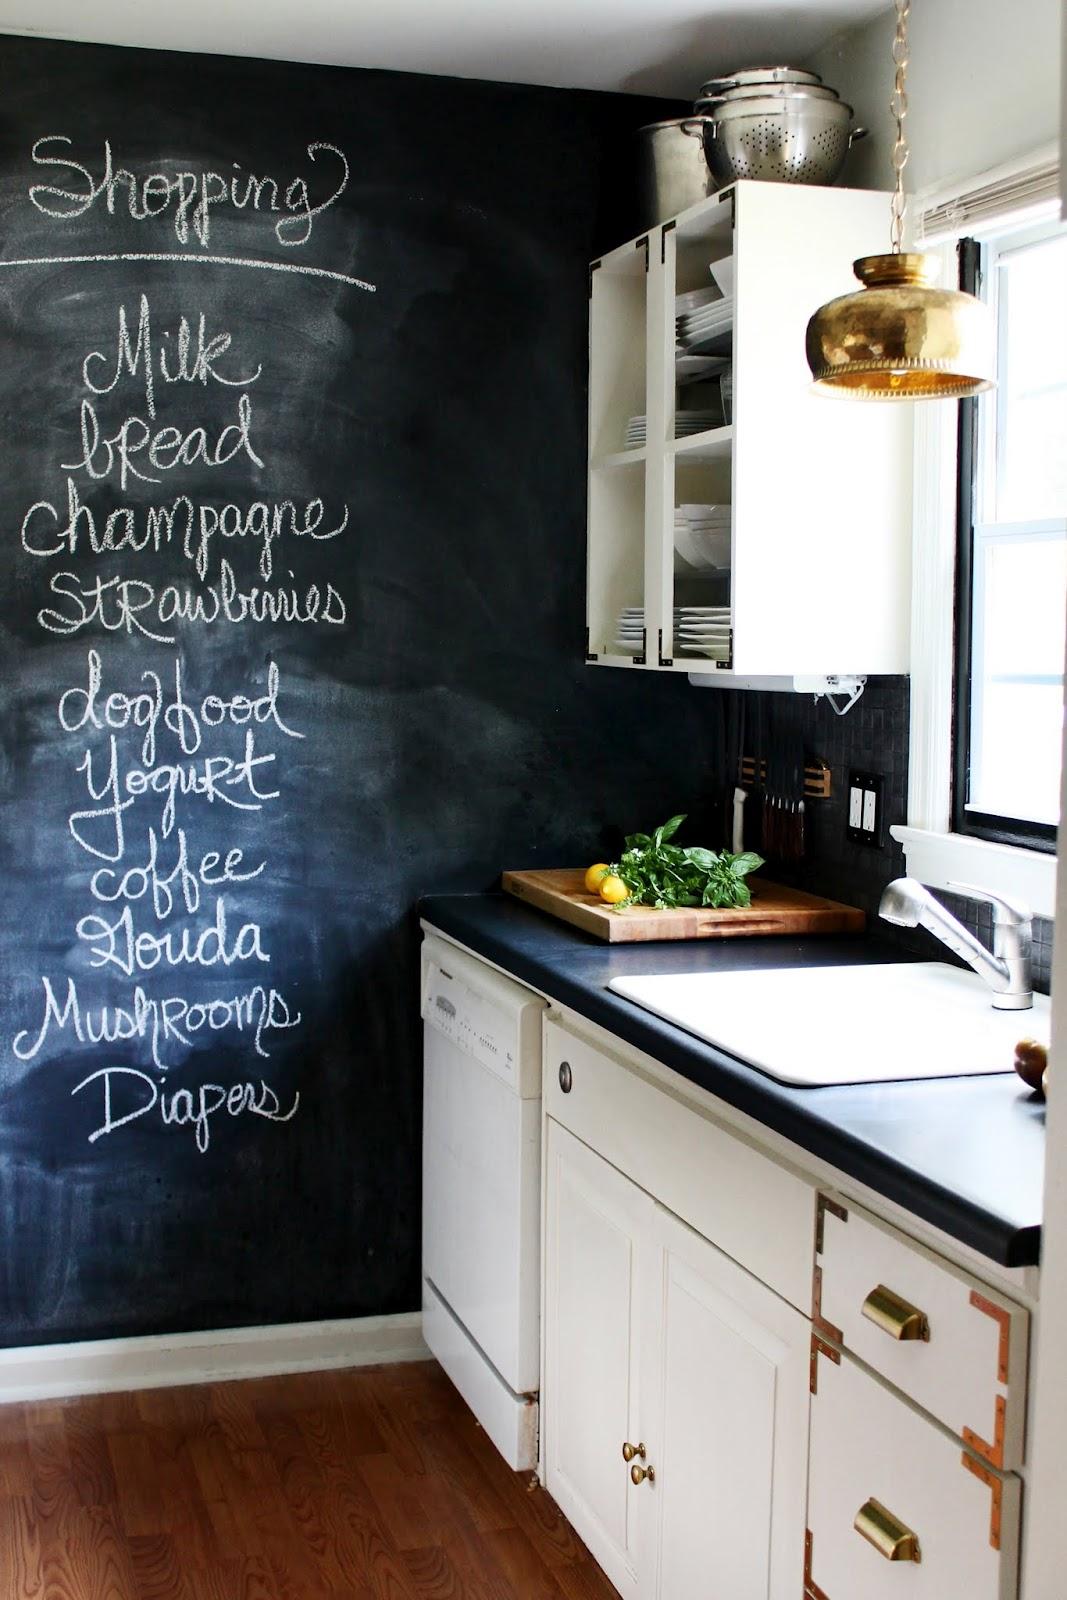 Chalkboard In Kitchen King Cabinets Hunted Interior Diy Brass Bowl Pendant 43 Sneak Peek